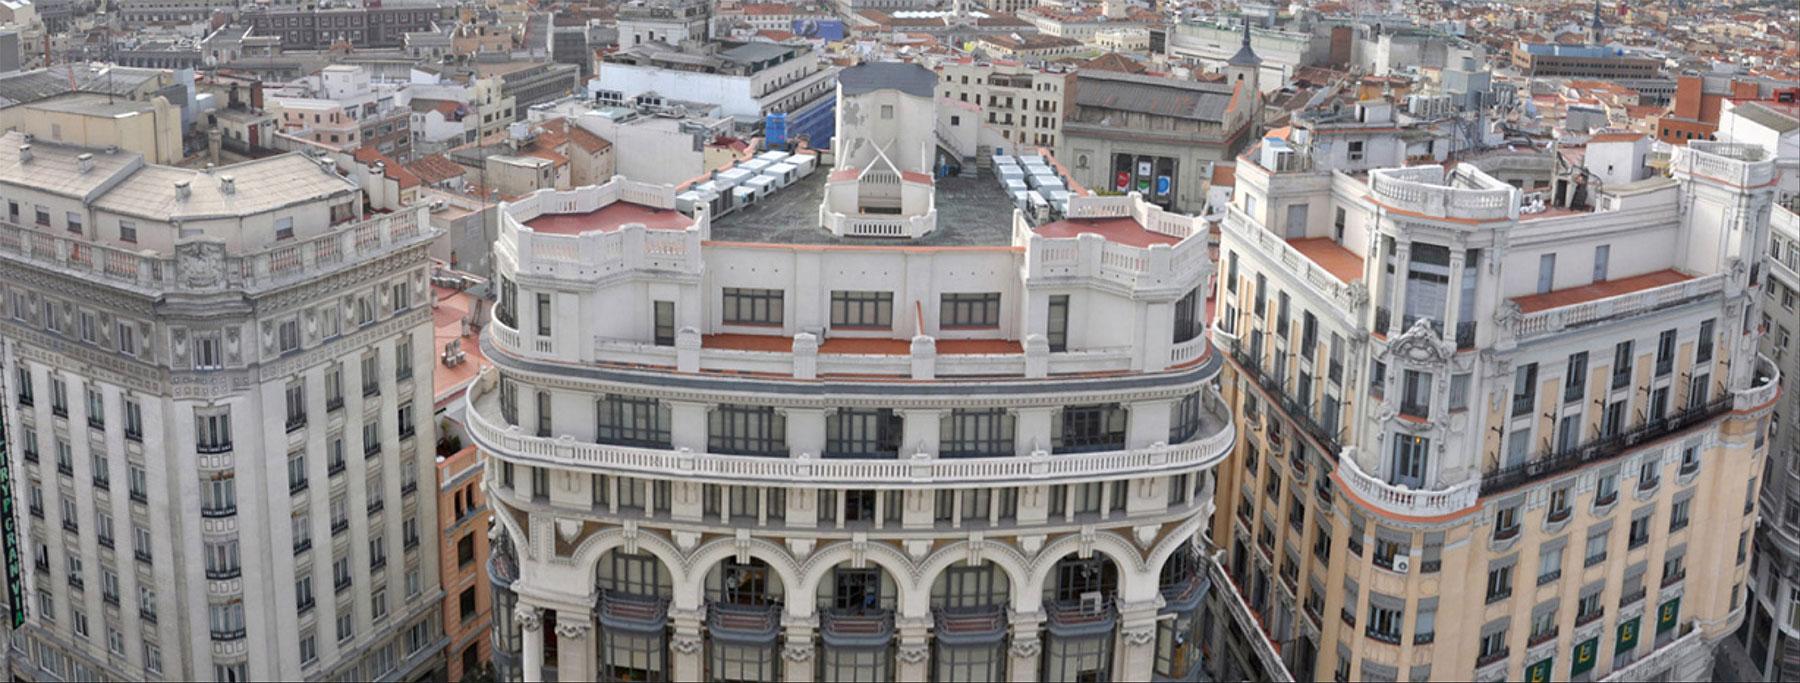 Renta Corporación, venta de edificios en barcelona